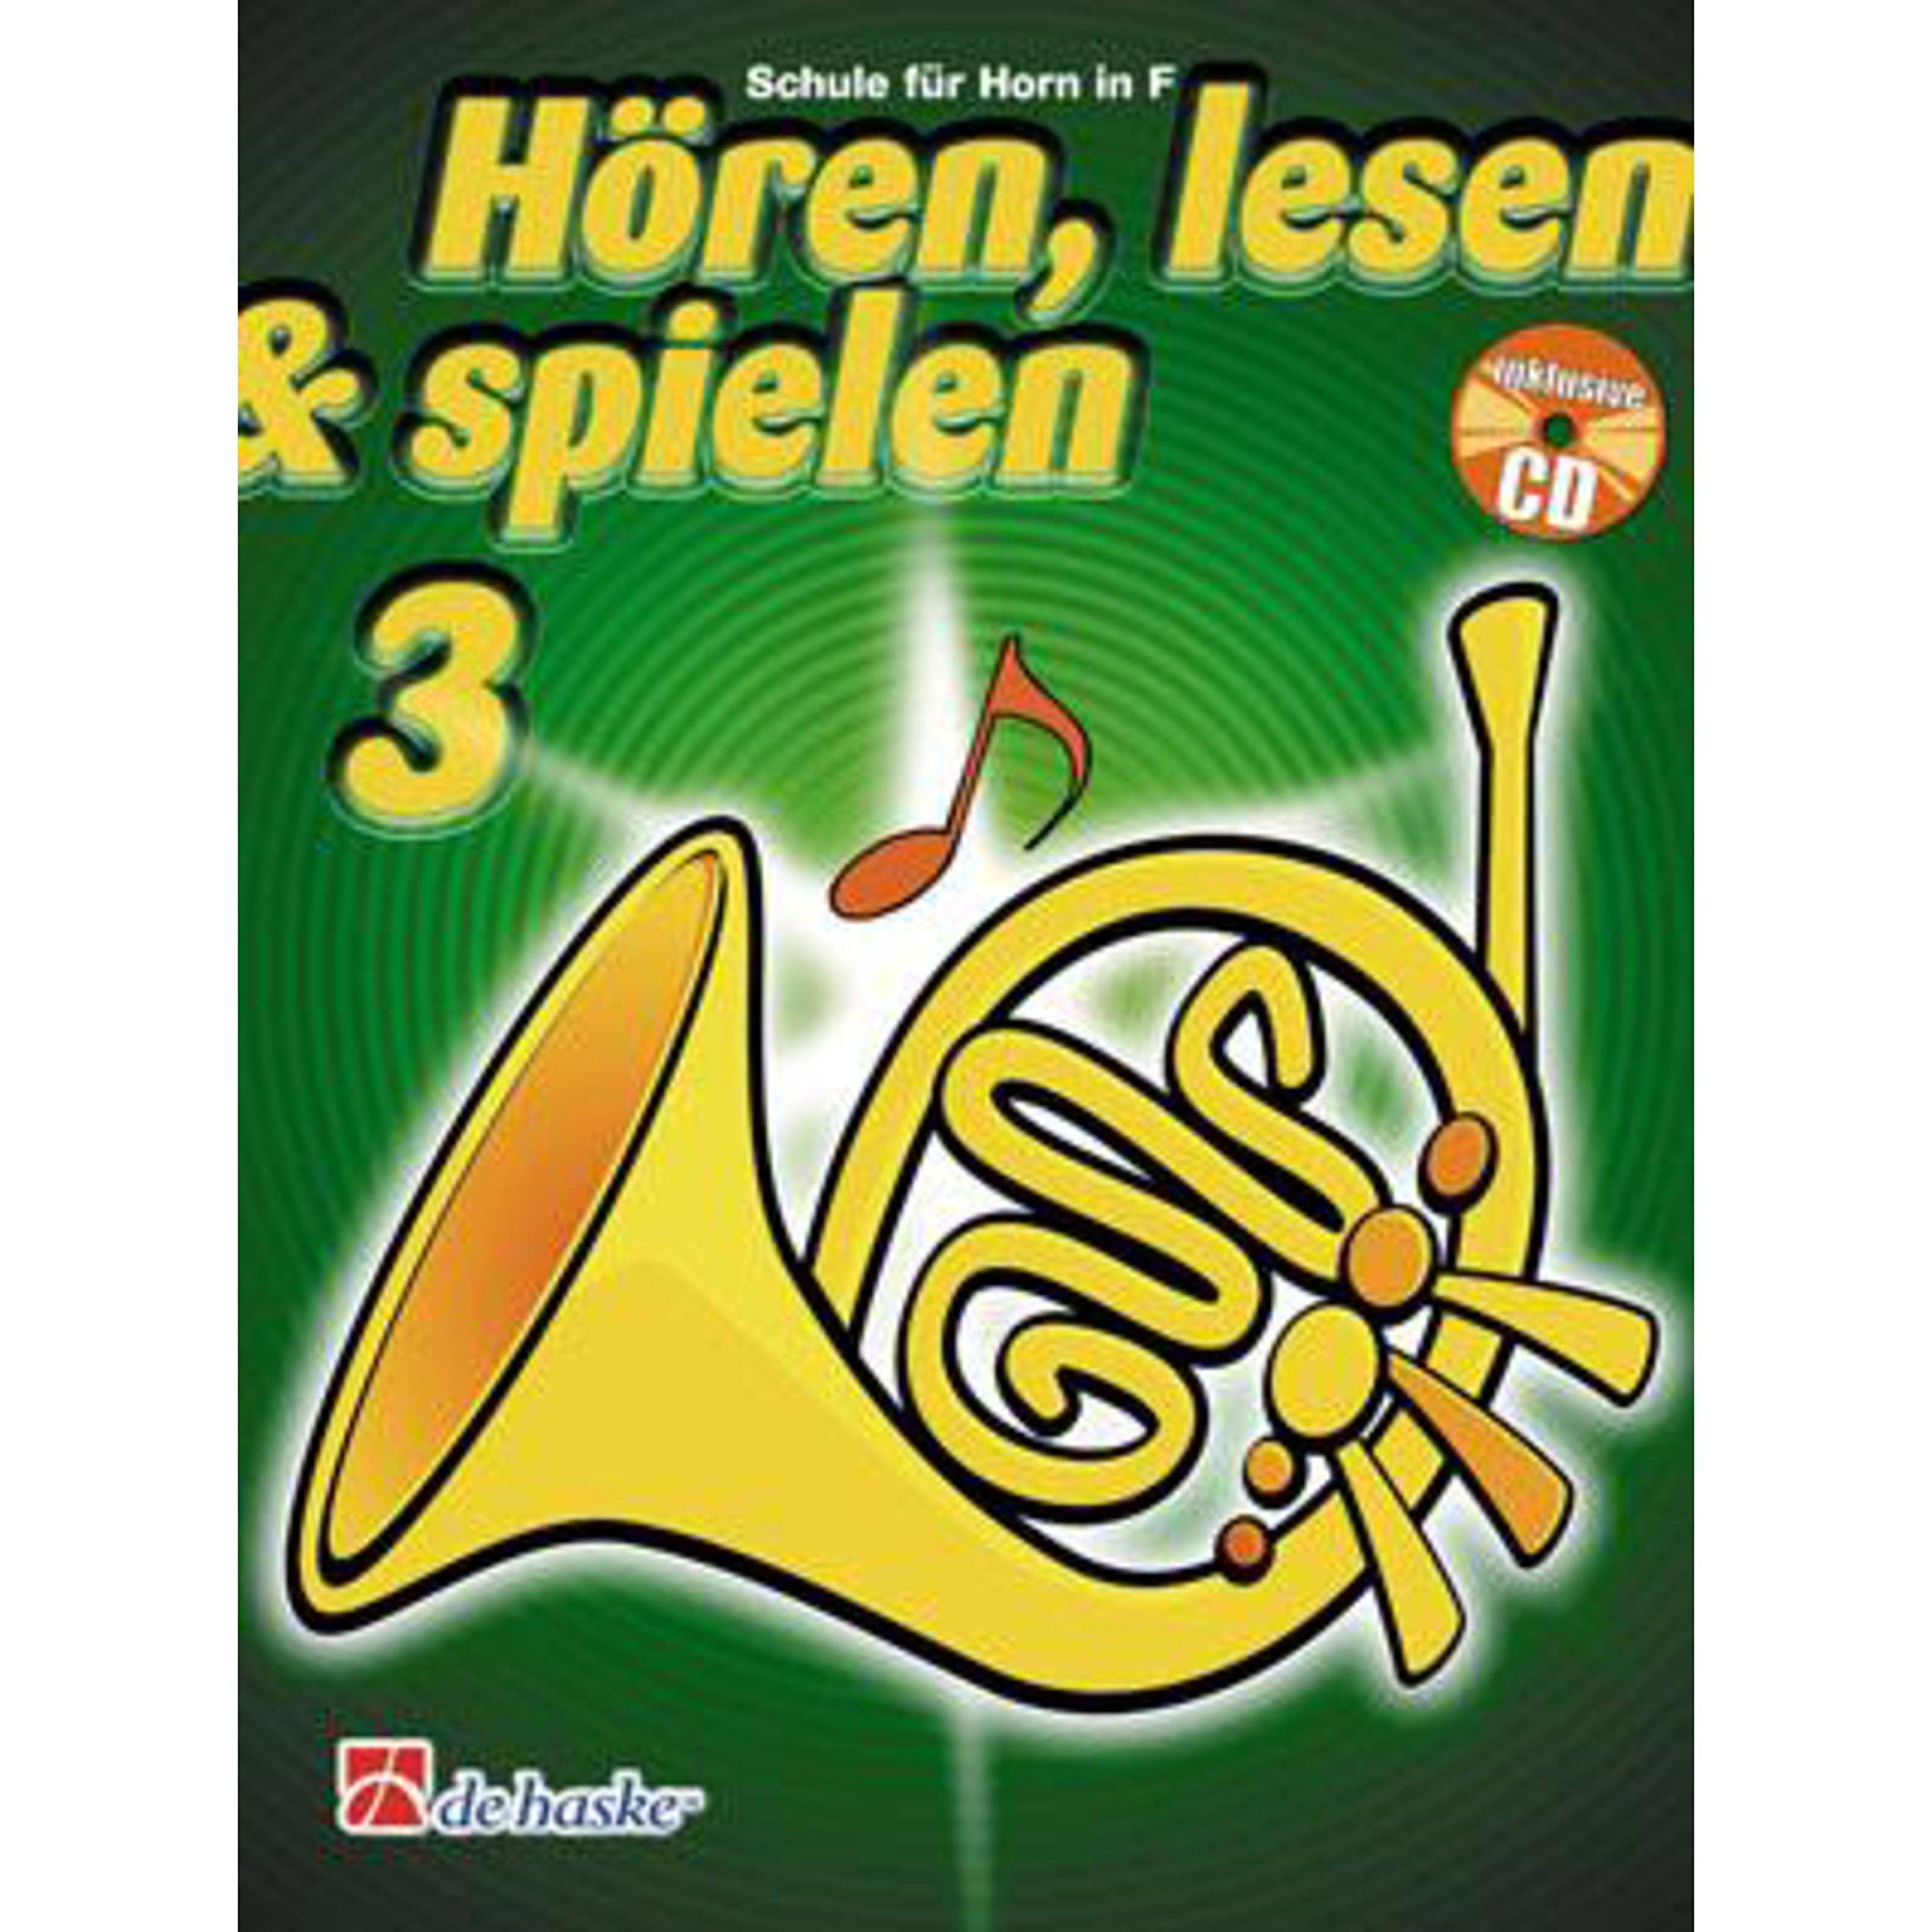 Hren Lesen Spielen 3 Horn in F